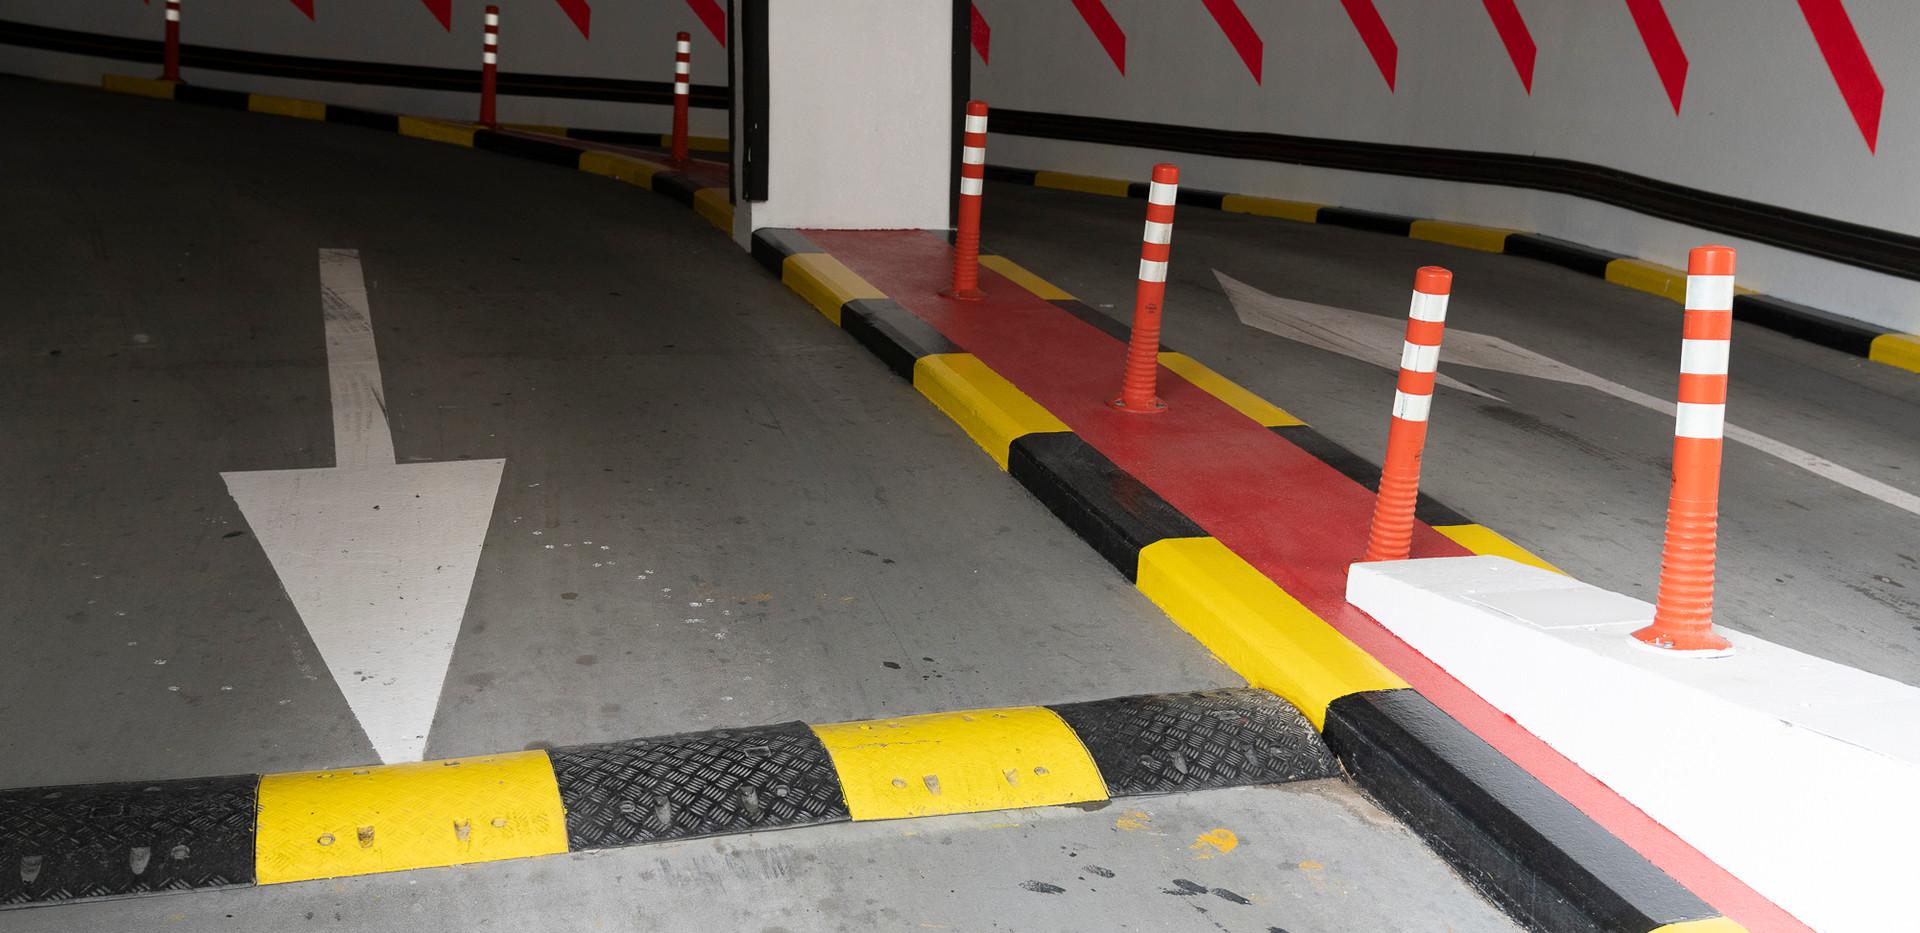 Sharjah car park